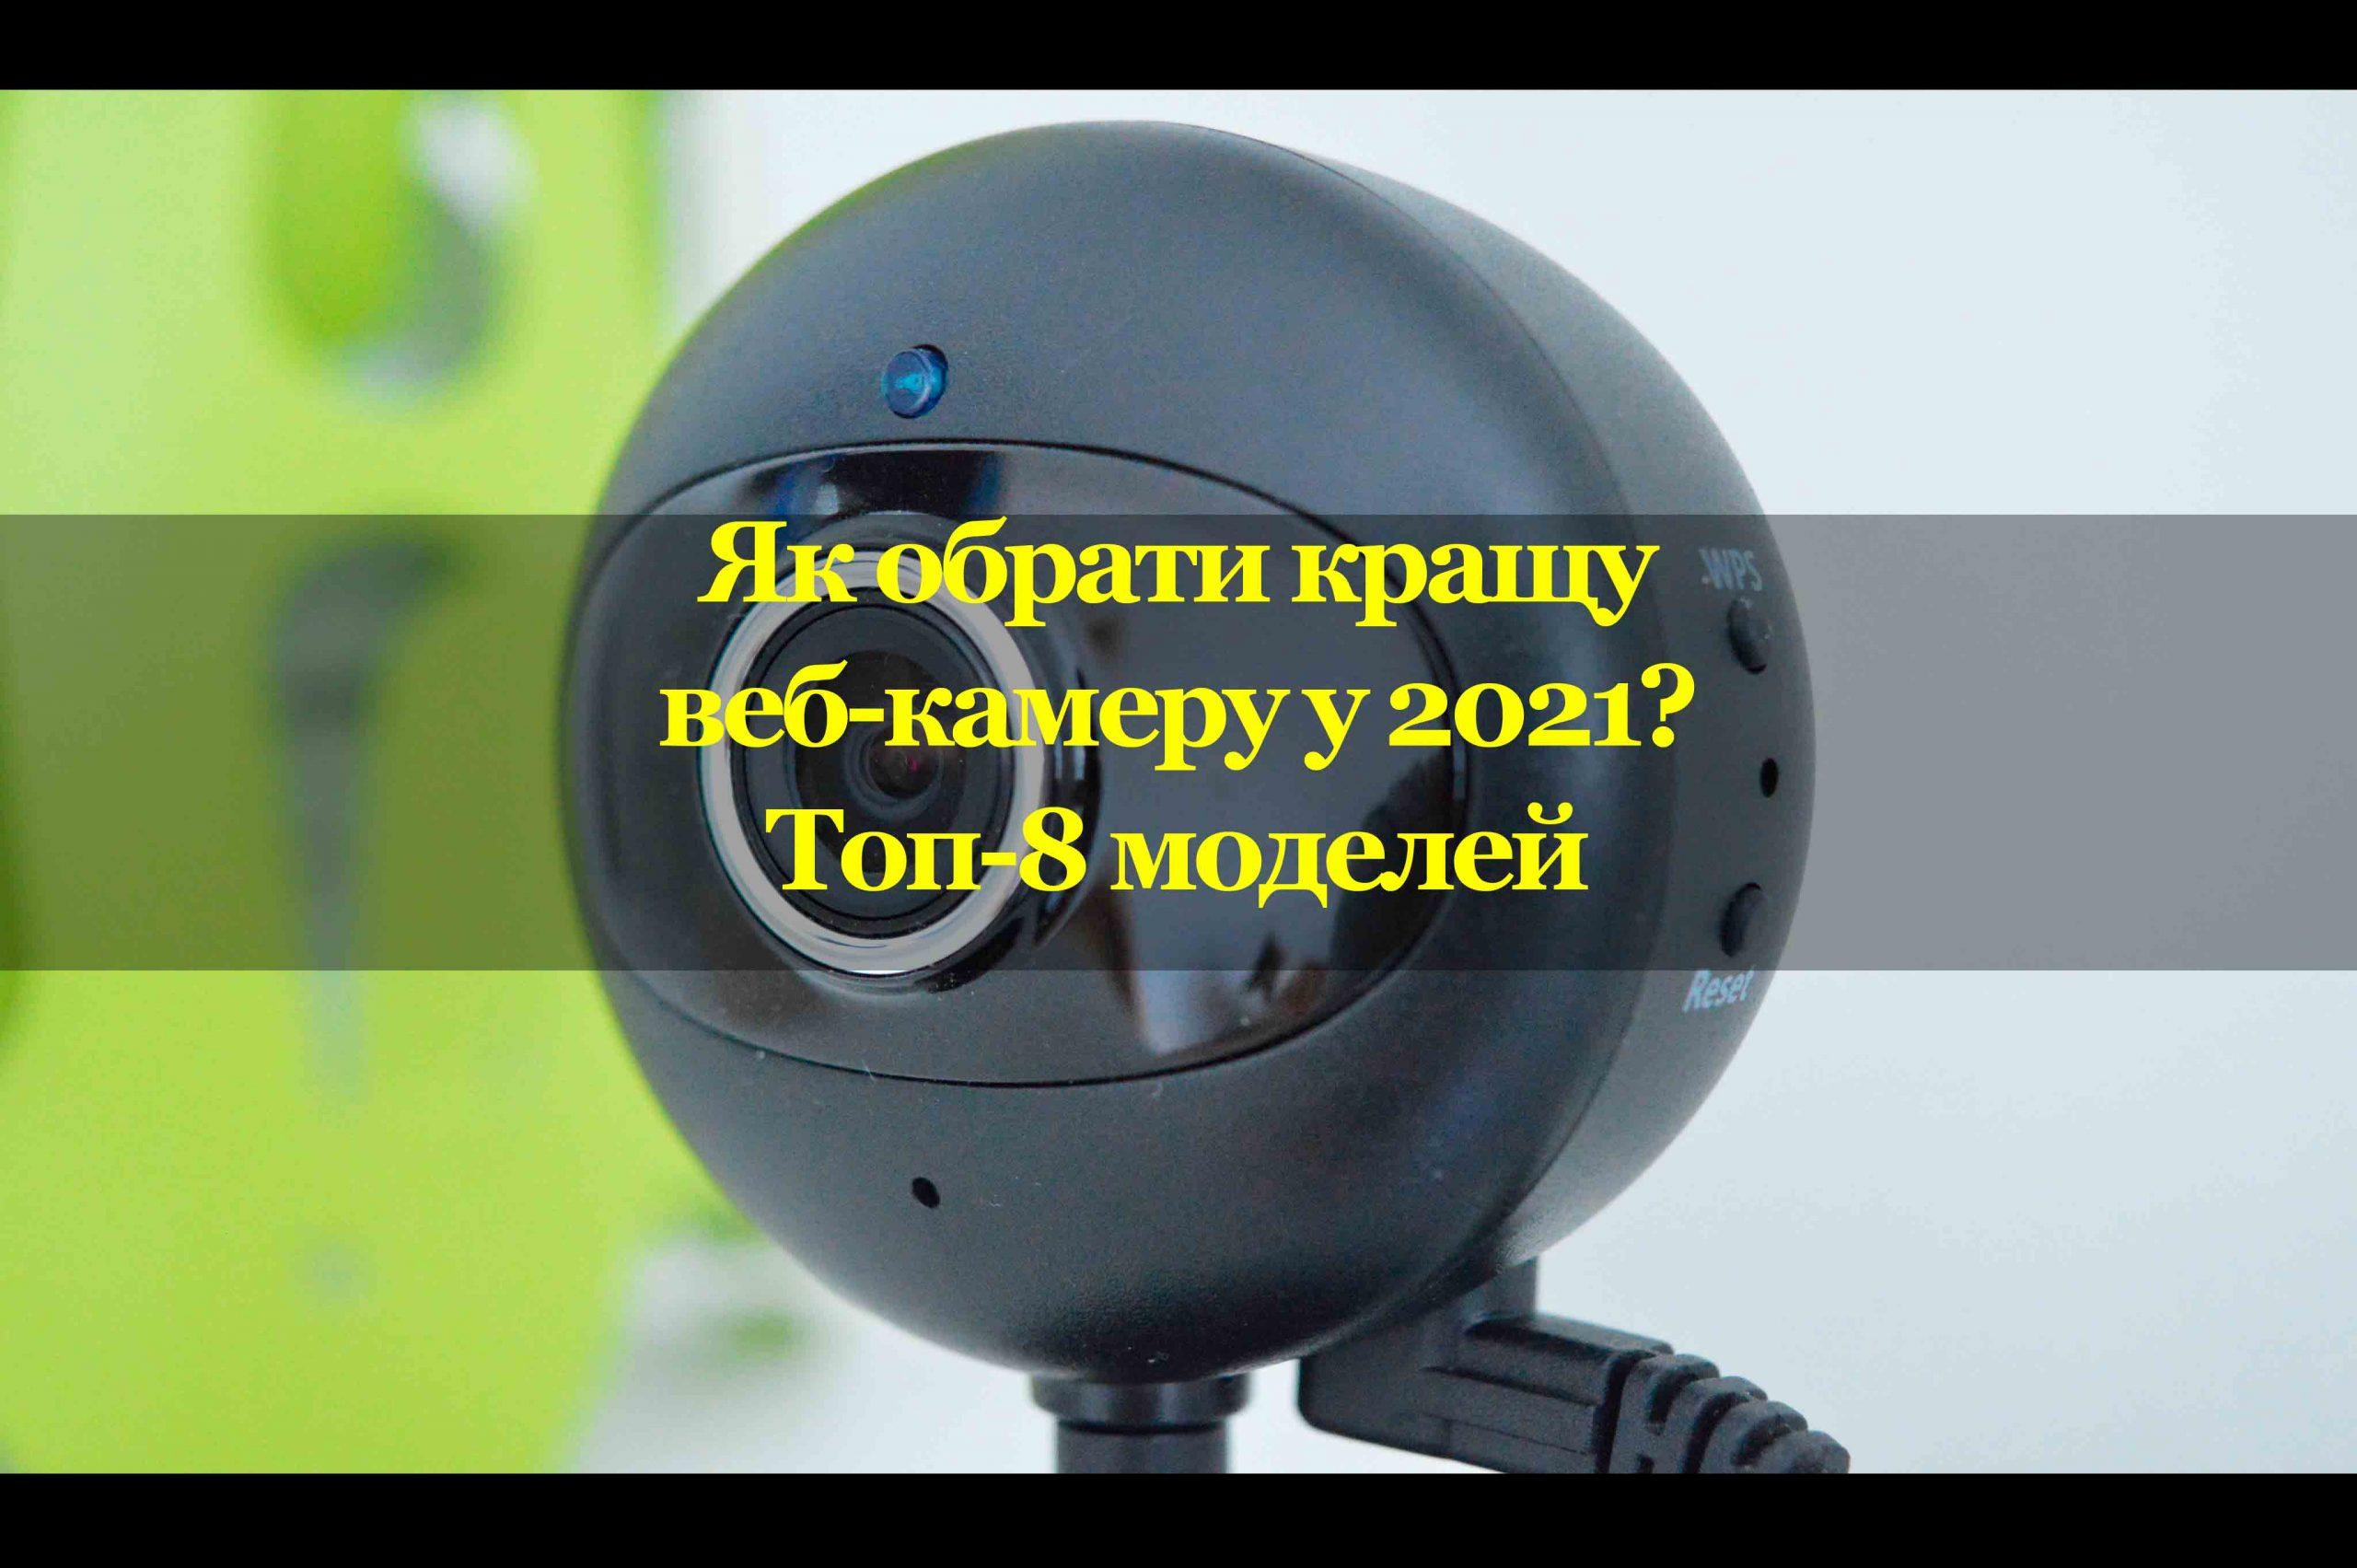 Незалежний топ-8: обираємо кращу веб-камеру